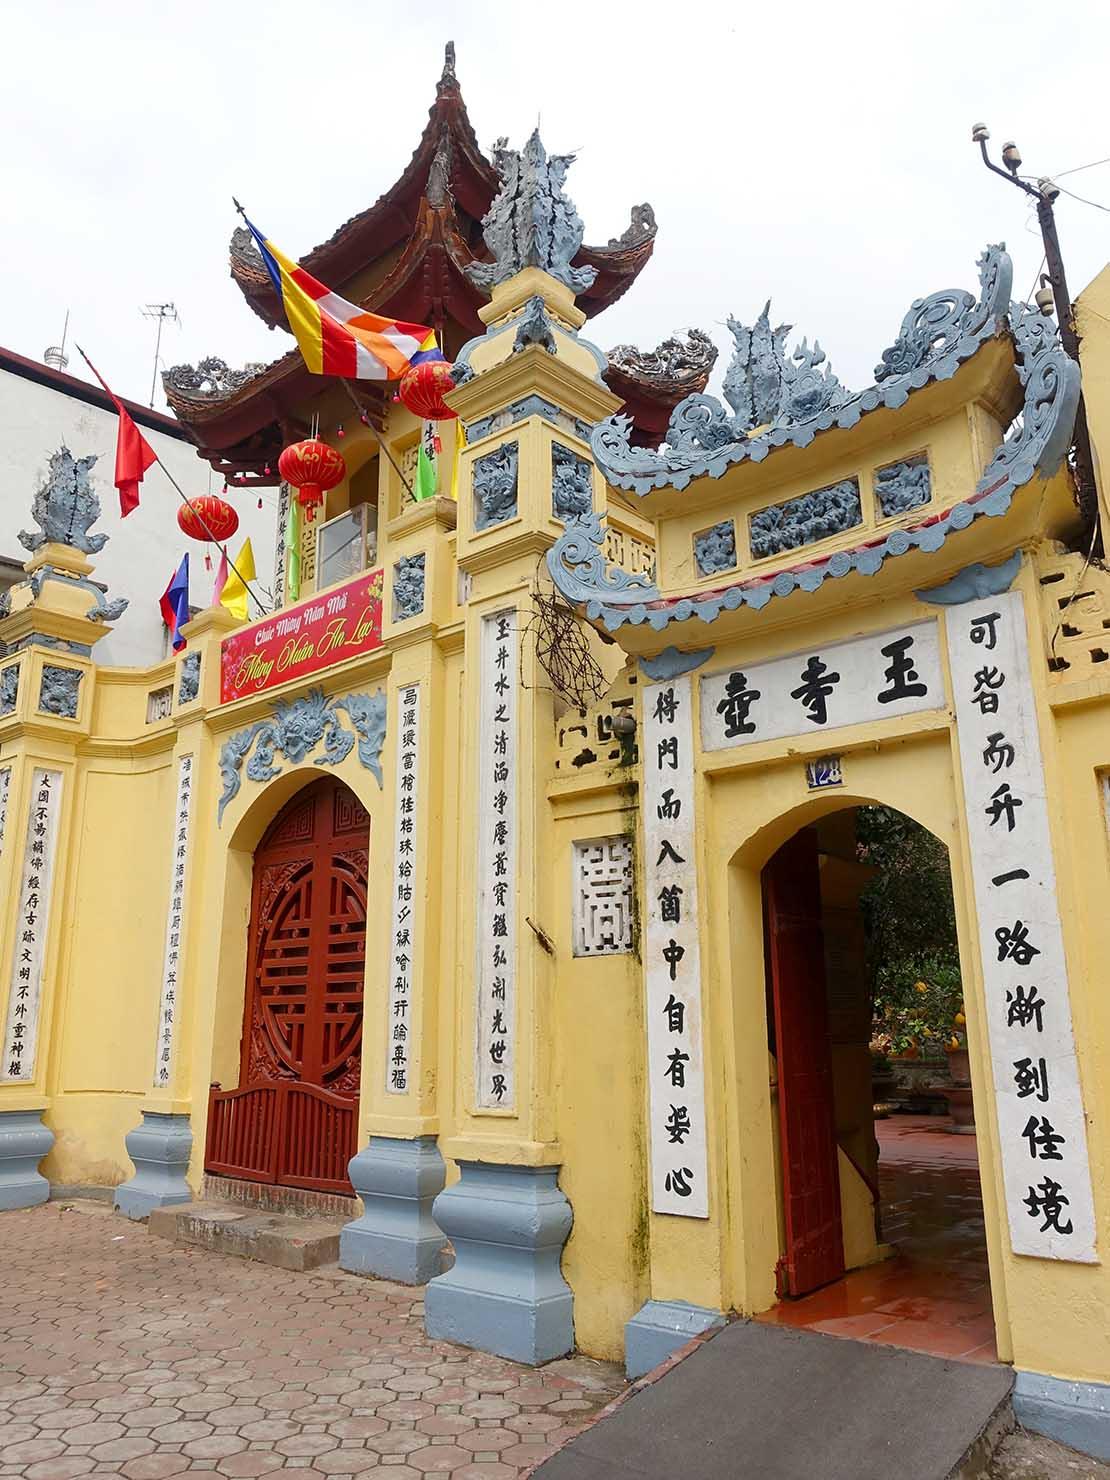 ベトナム・ハノイ旧市街で出会った廟の入り口